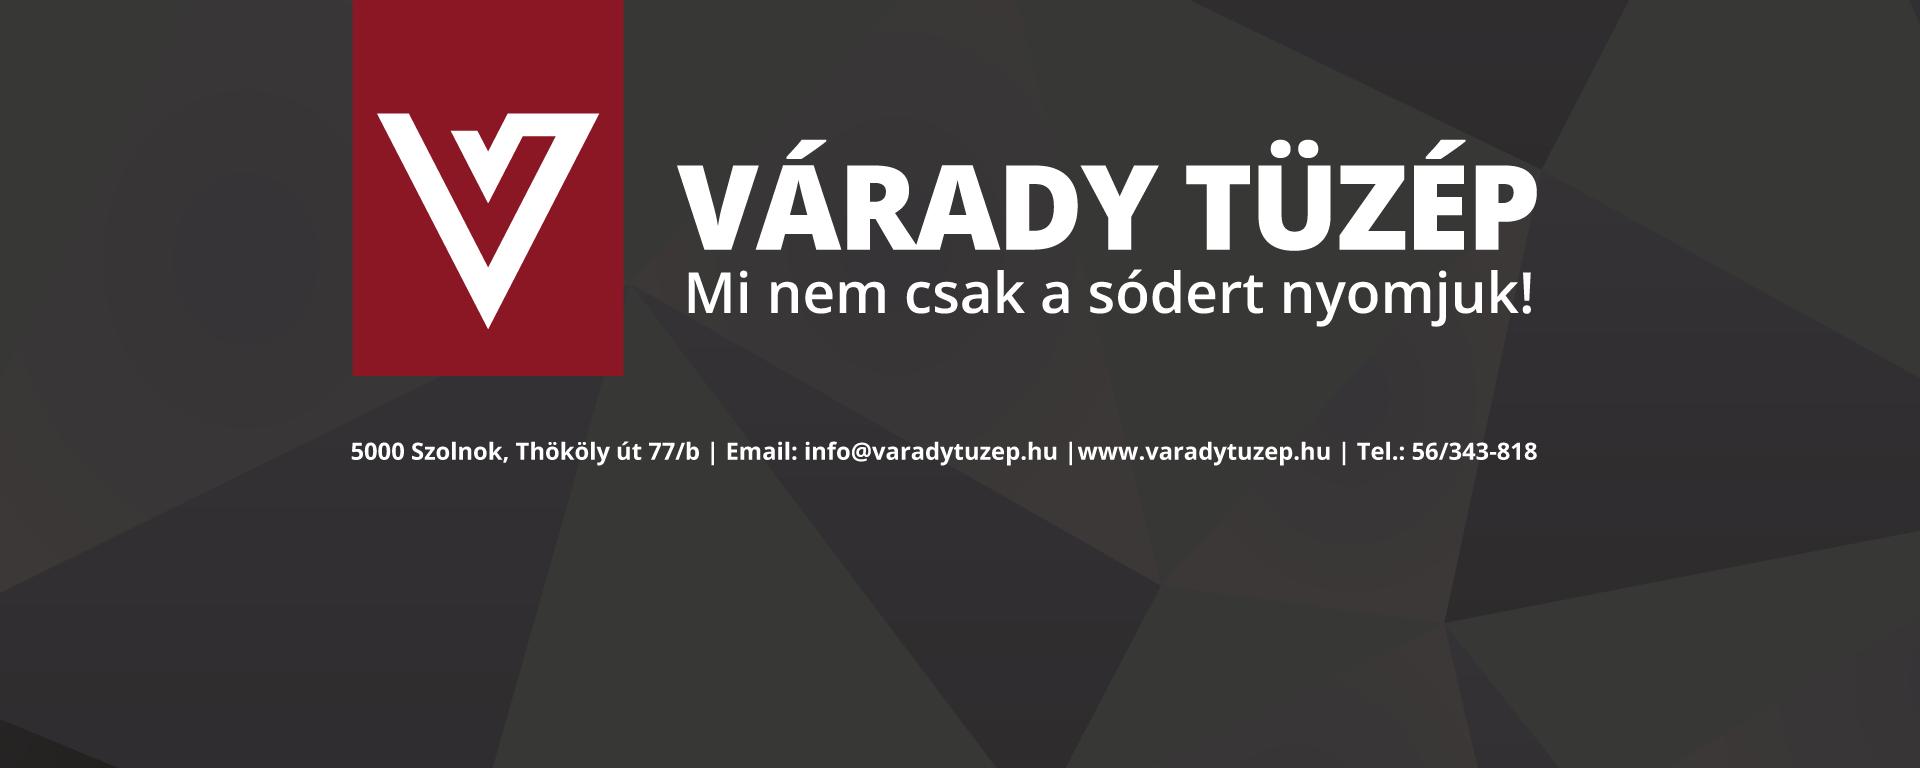 Várady Tüzép Kft.